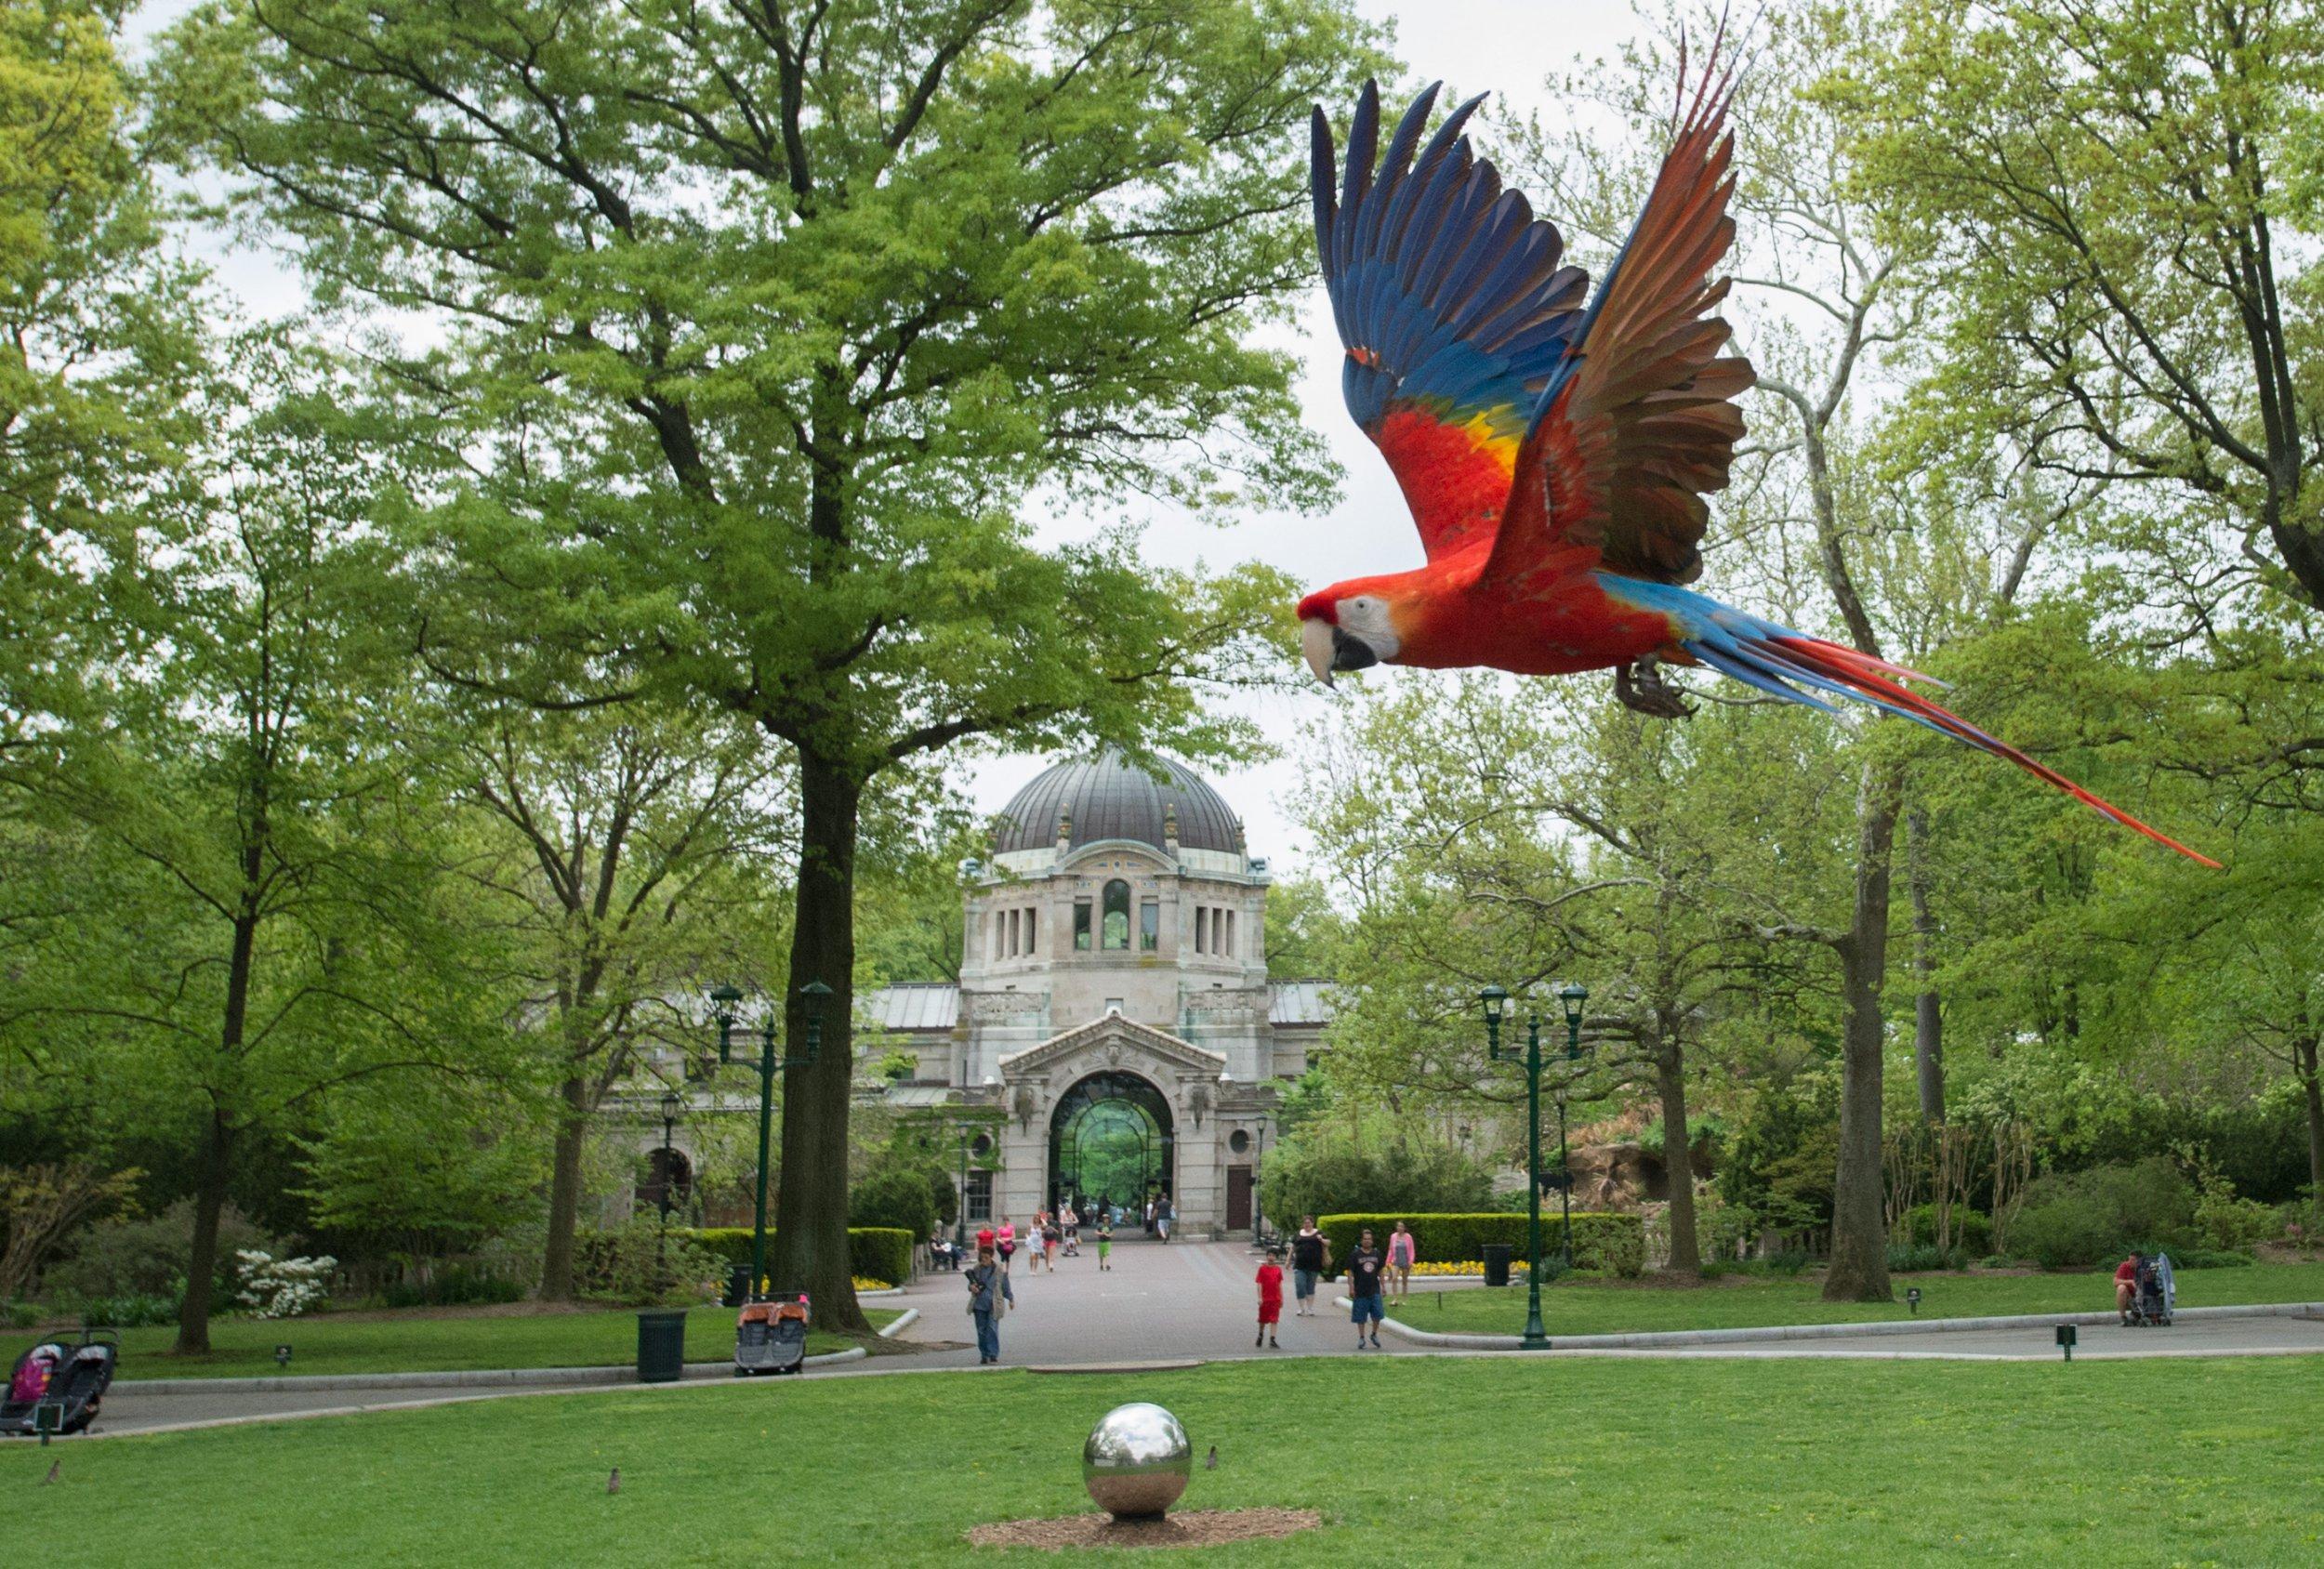 Bronx Zoo Scarlet Macaw